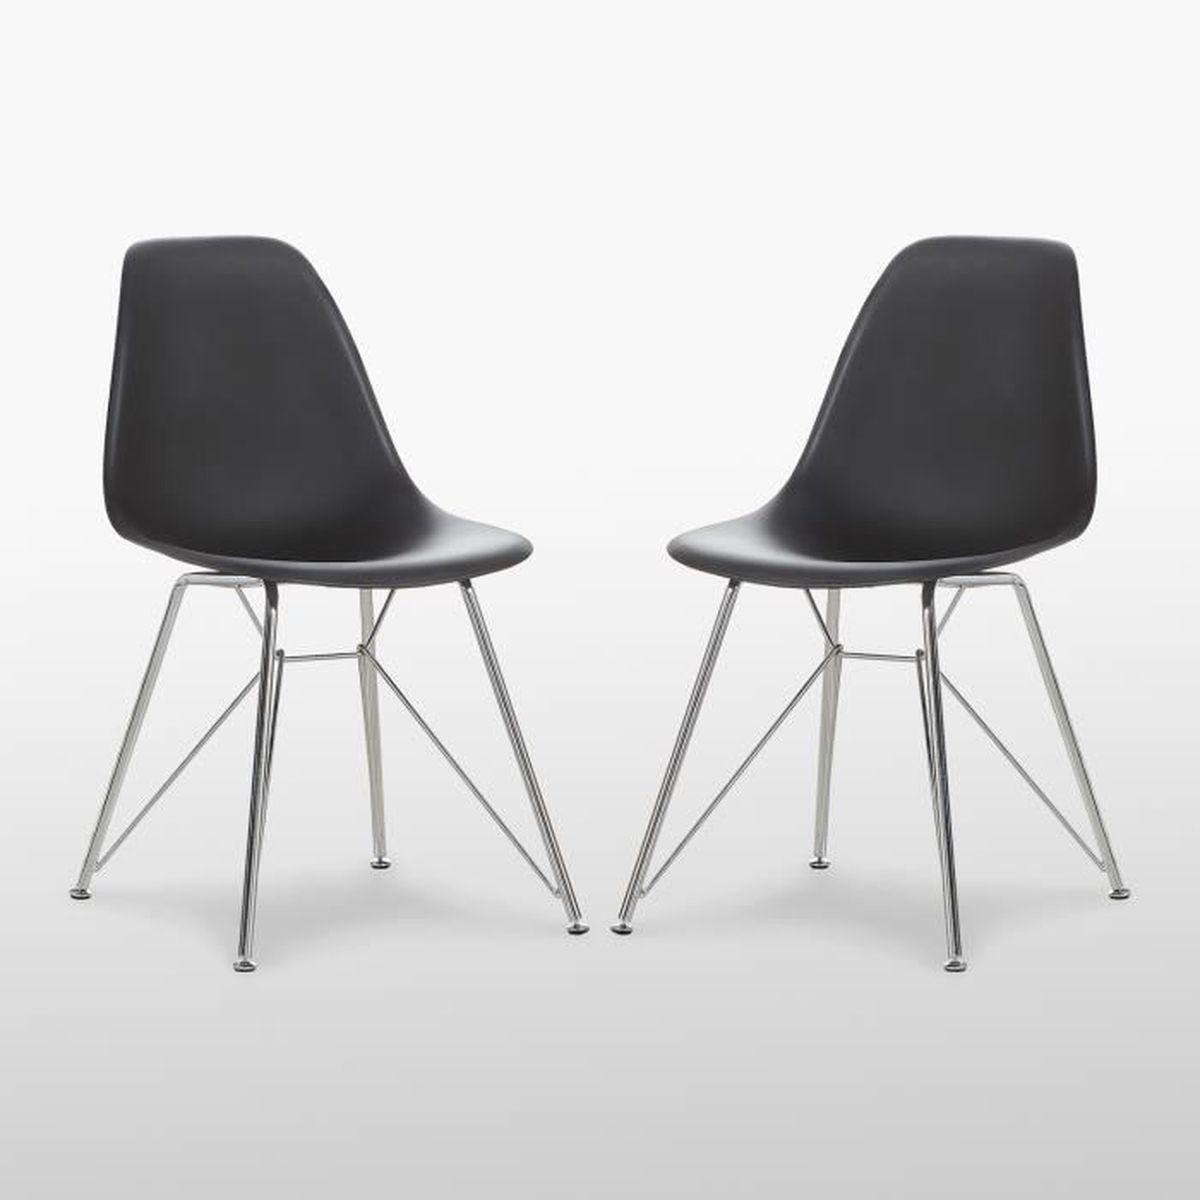 CHAISE Valentina Chaise Moderne Design Scandinave Noir Av